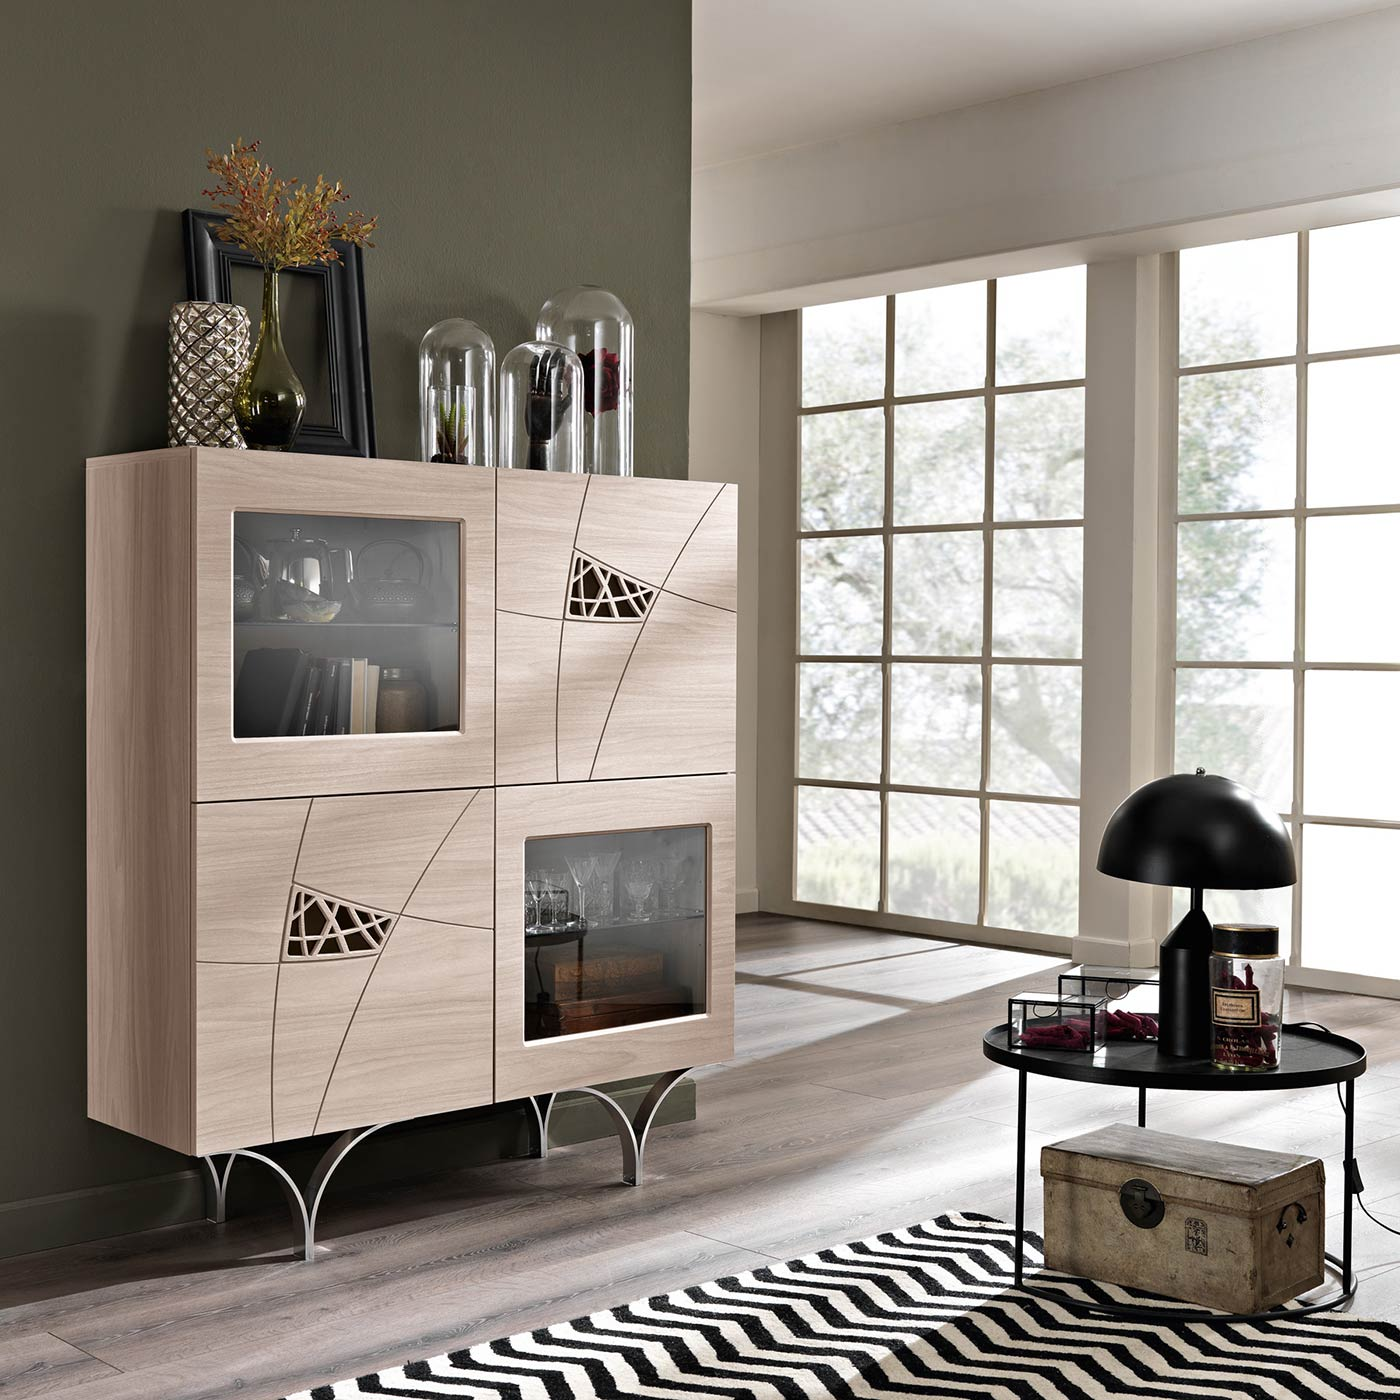 Arredamento soggiorno moderno modello lapis spar for Arredamento per soggiorno moderno